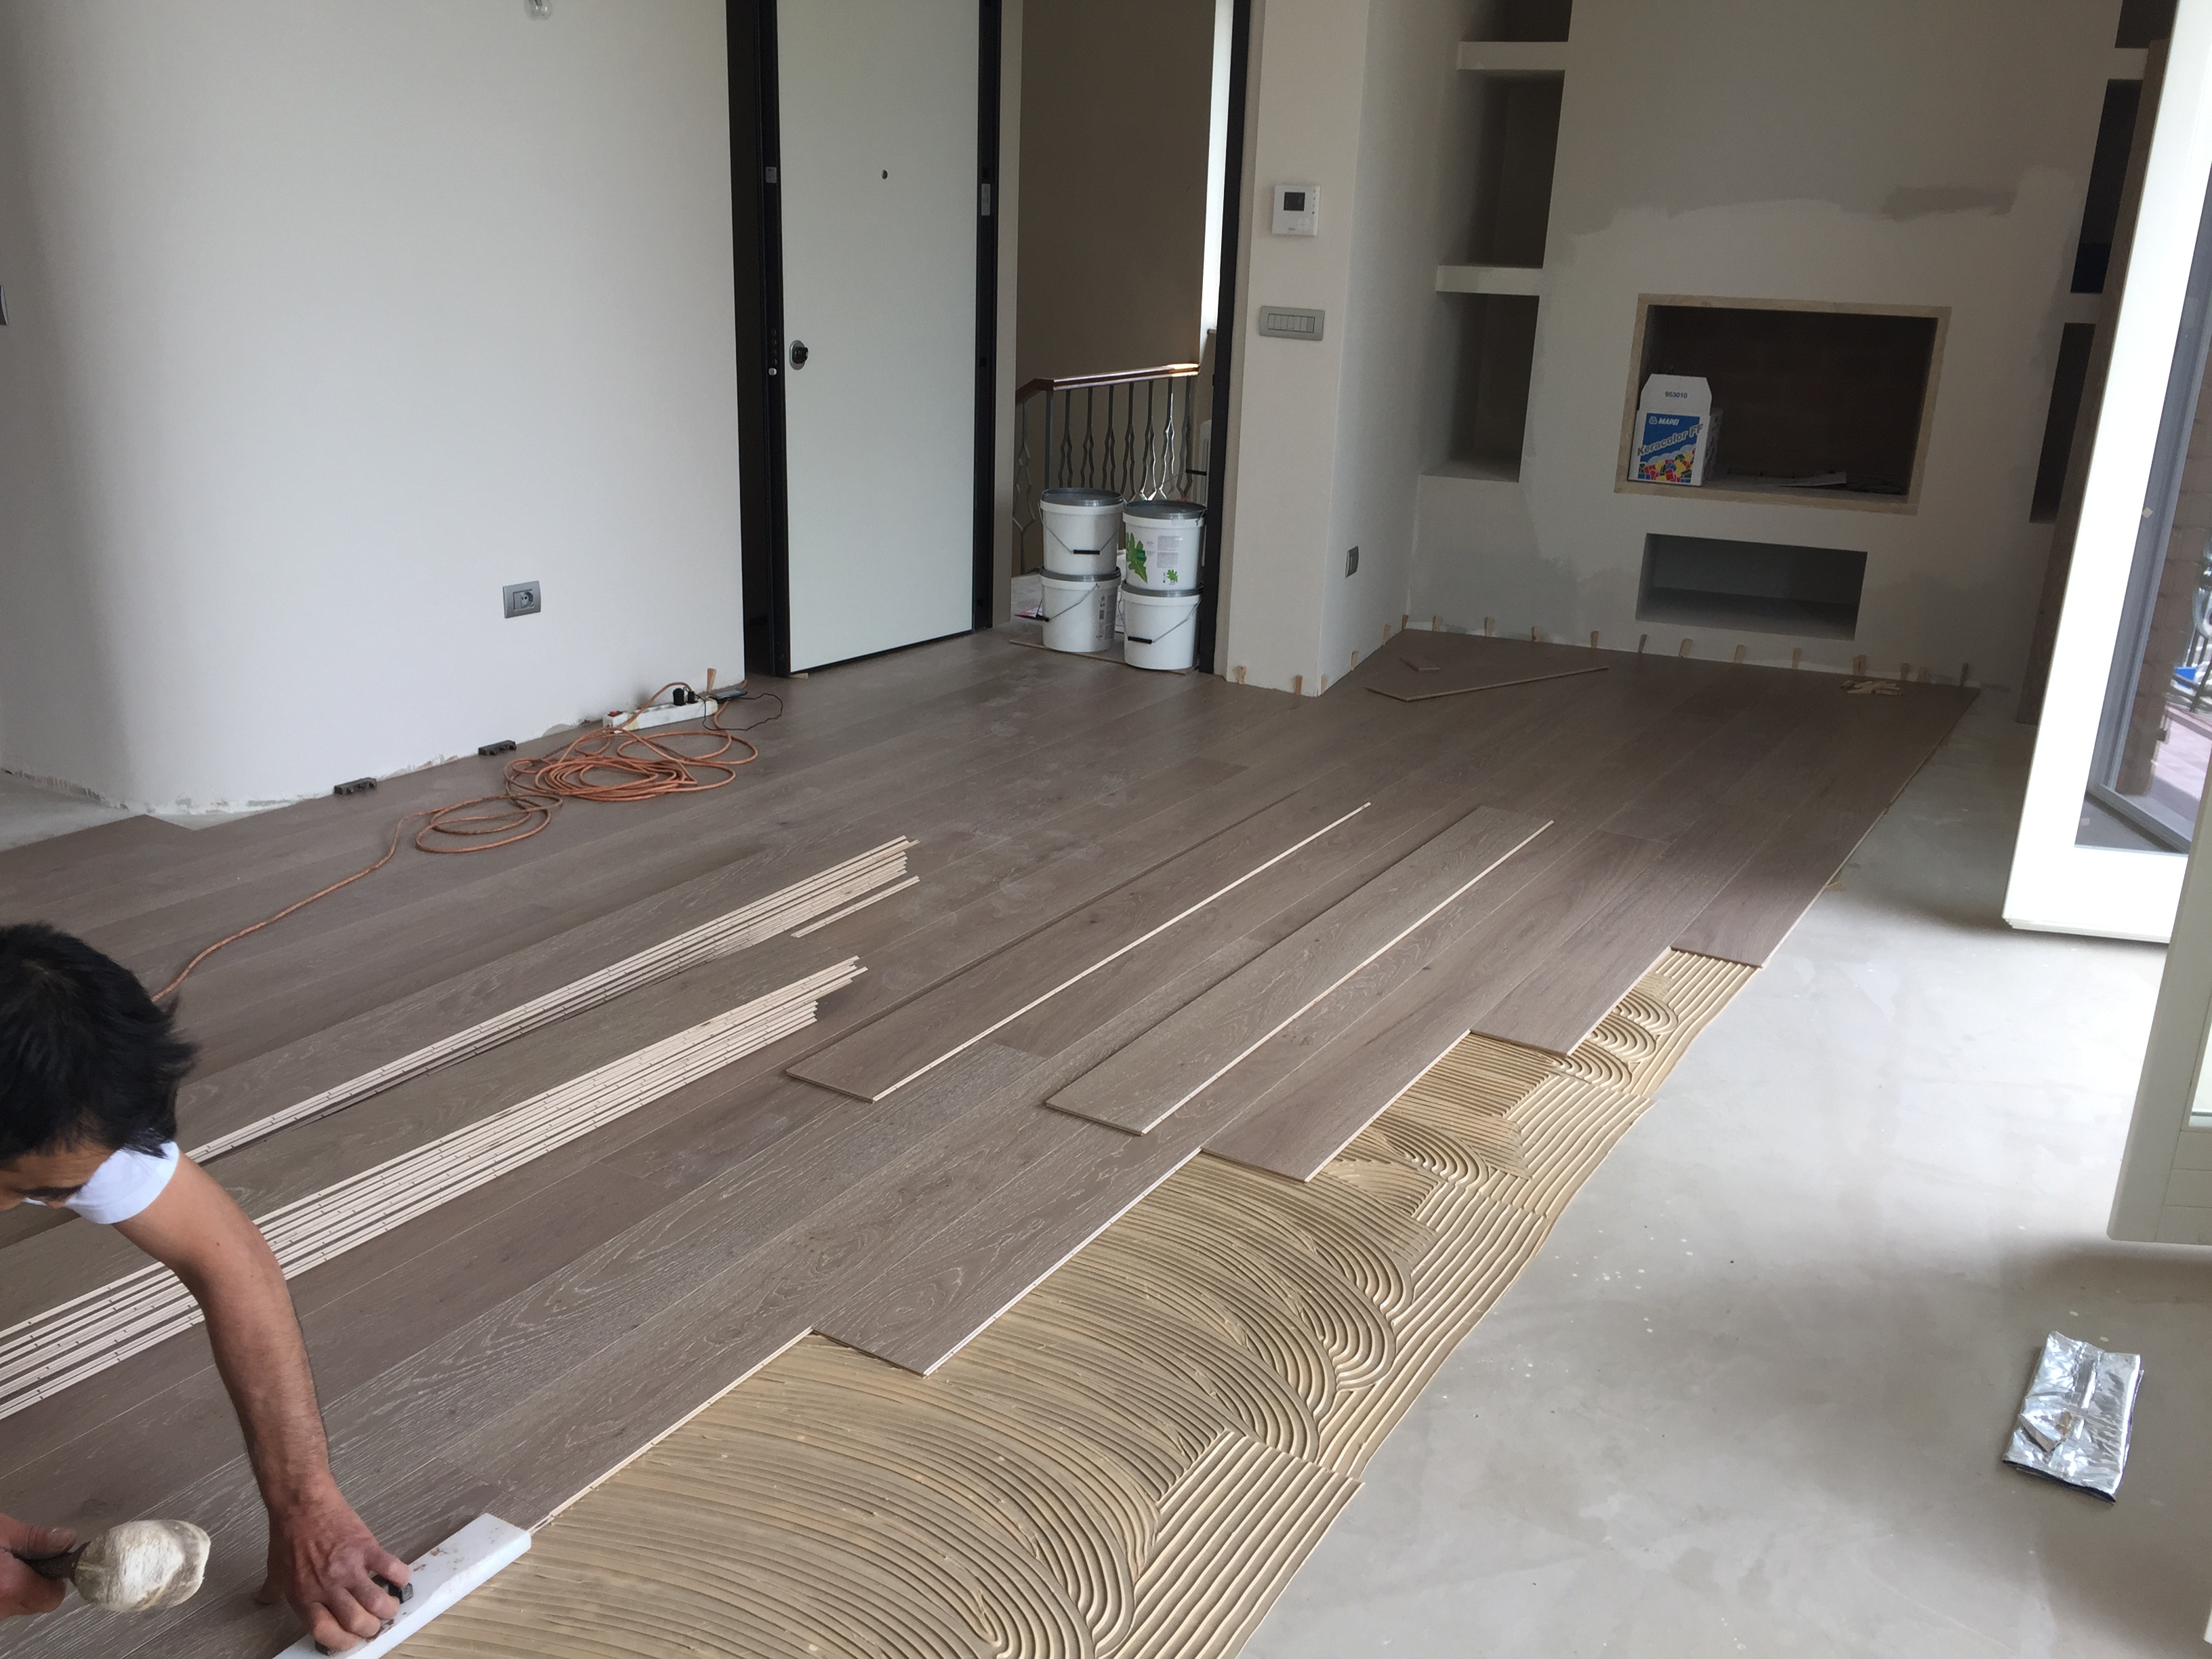 Parquet il blog della casa - Pavimento in laminato ikea ...